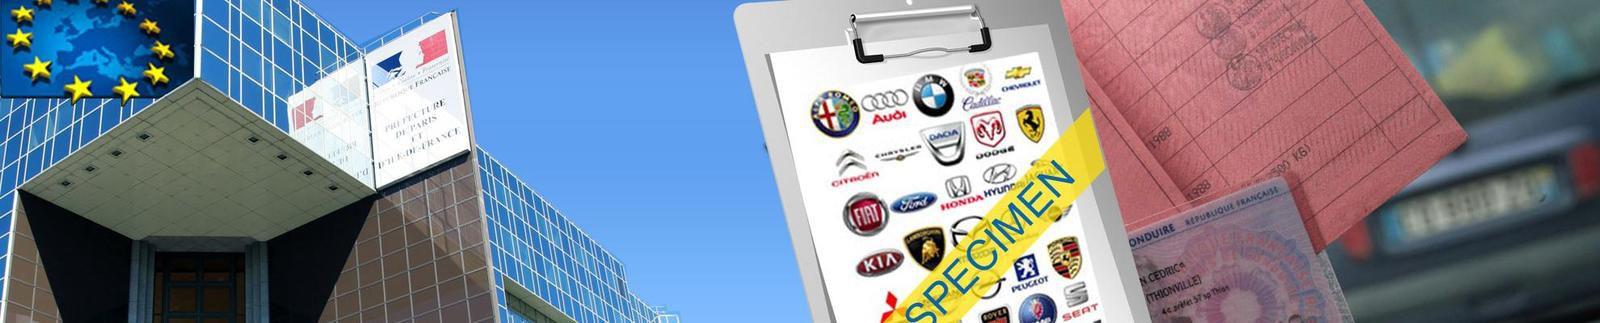 Le Certificat de conformité pour les nouvelles voitures : E-COC